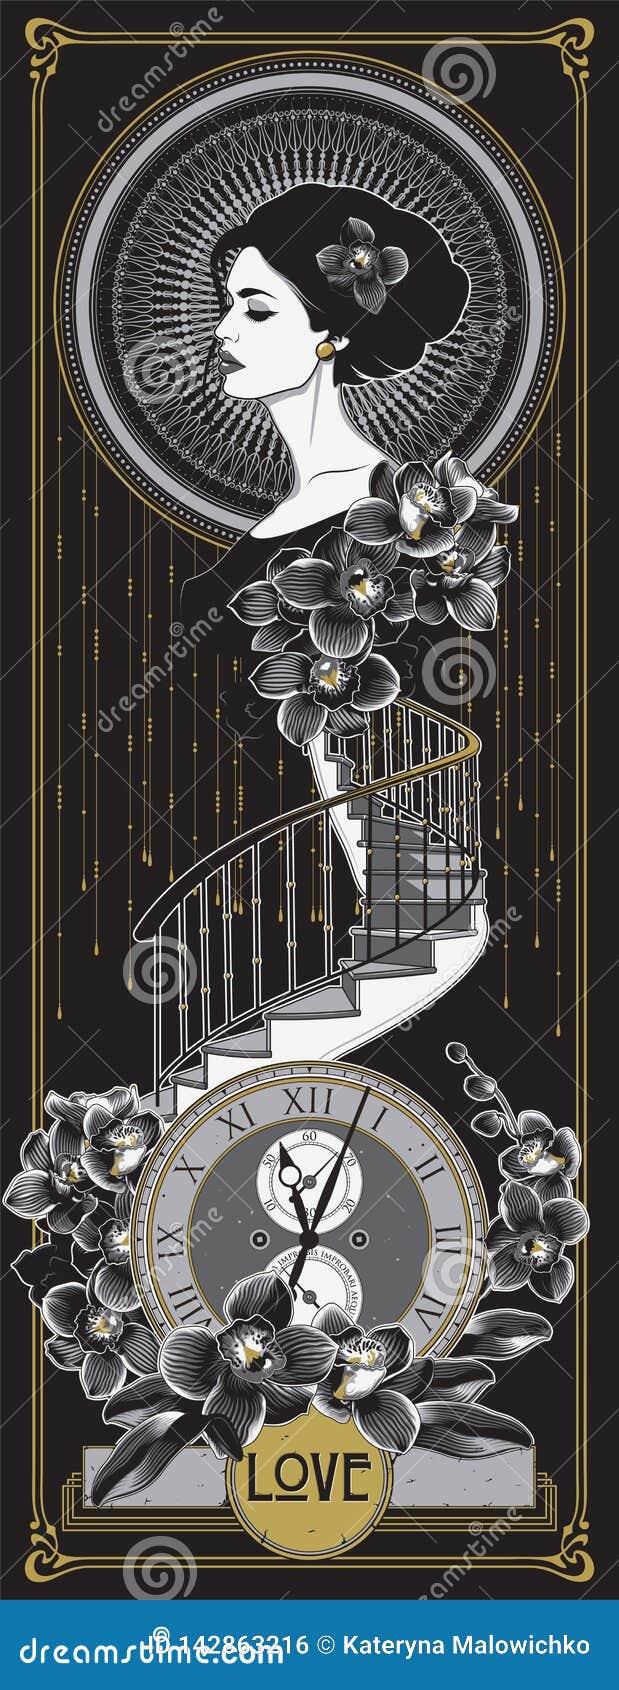 Art Deco, Art Nouveau Style Poster